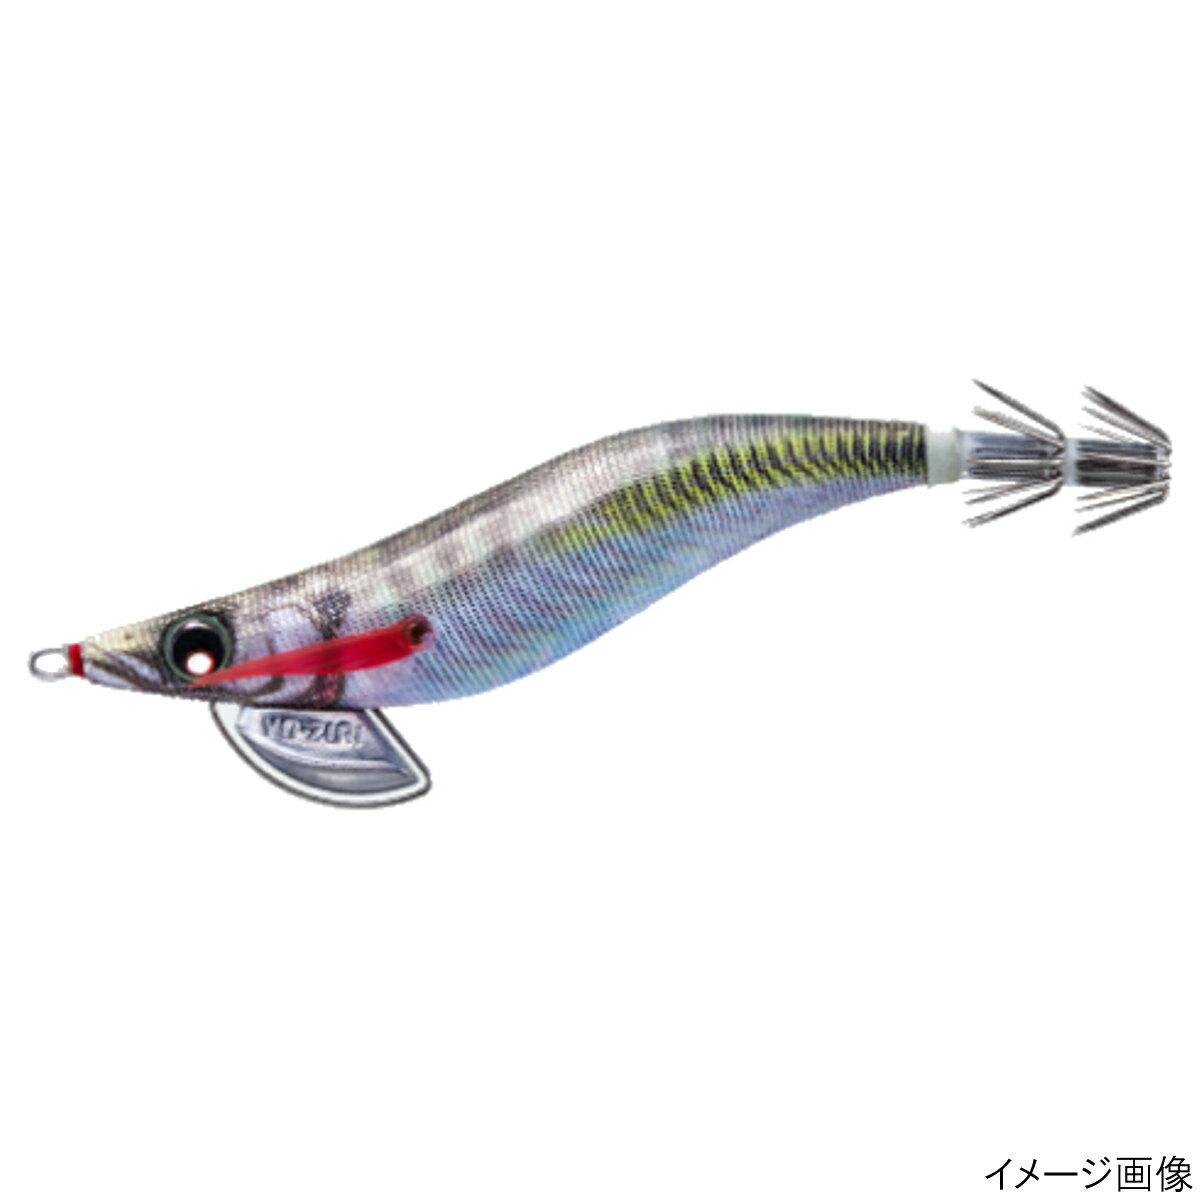 デュエル ヨーヅリ パタパタQ 3.0号 SRA(シルバーリアルアジ)【duel1502】【re1604c06】